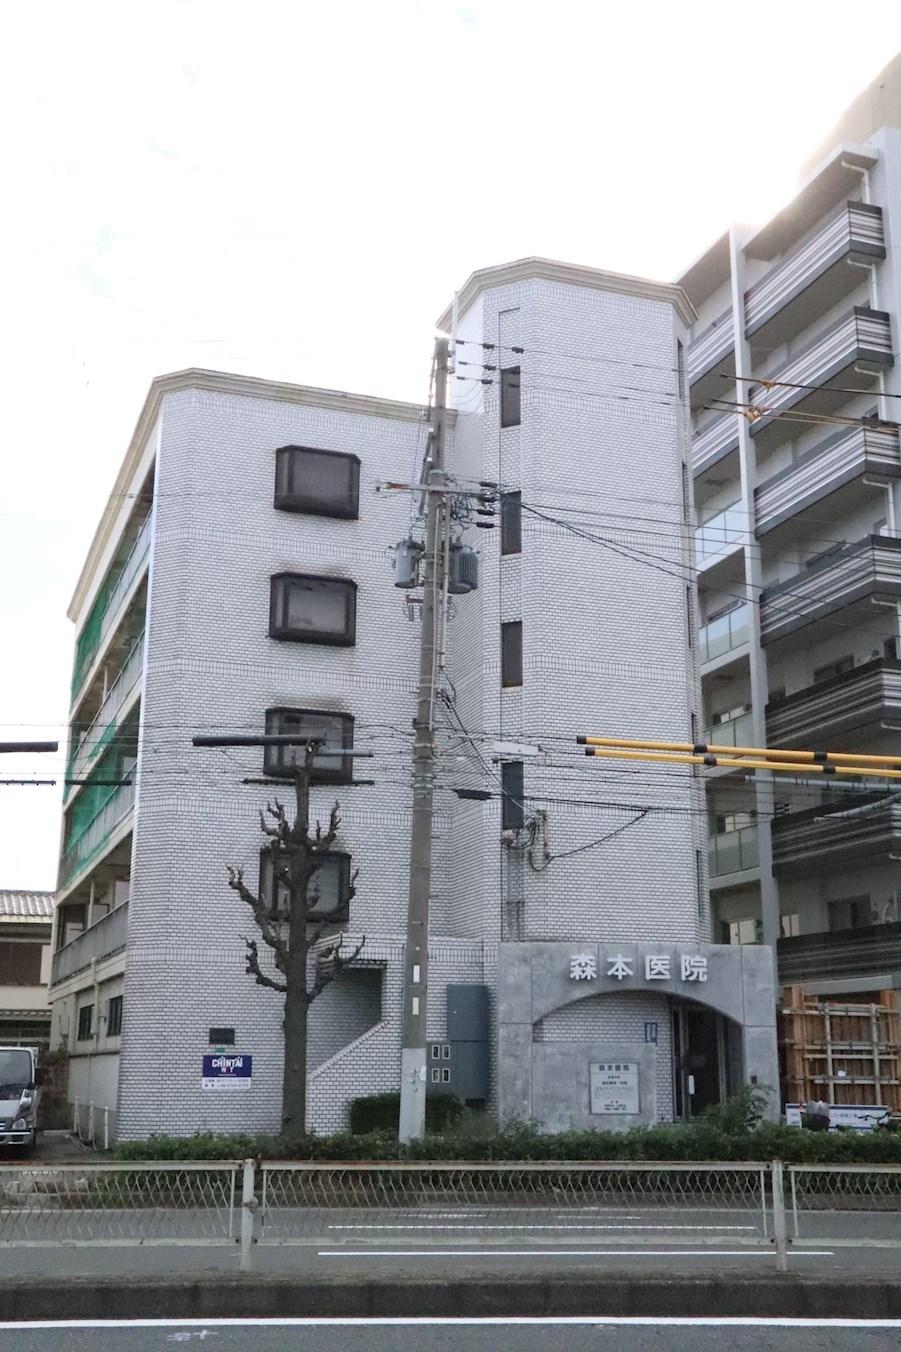 総合病院:森本医院 190m